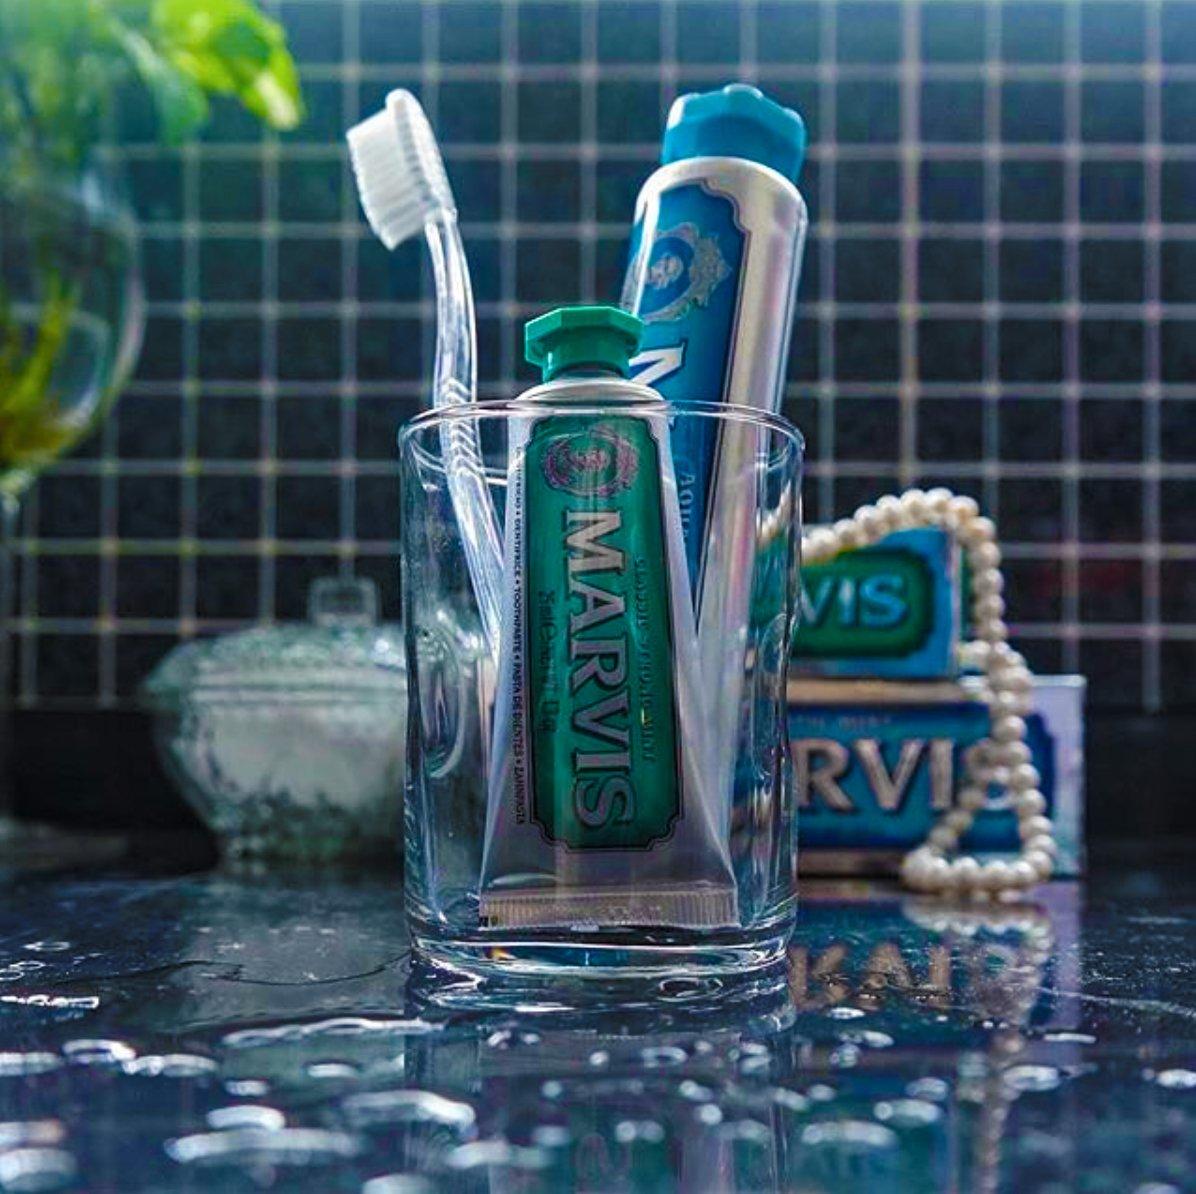 #Marvis l&#39;inimitable dentifrice italien Marvis Toothpaste à la poudre d&#39;Alun et aux extraits naturels de Menthe #soin #toothpaste #bright <br>http://pic.twitter.com/ElLZyj0pWj